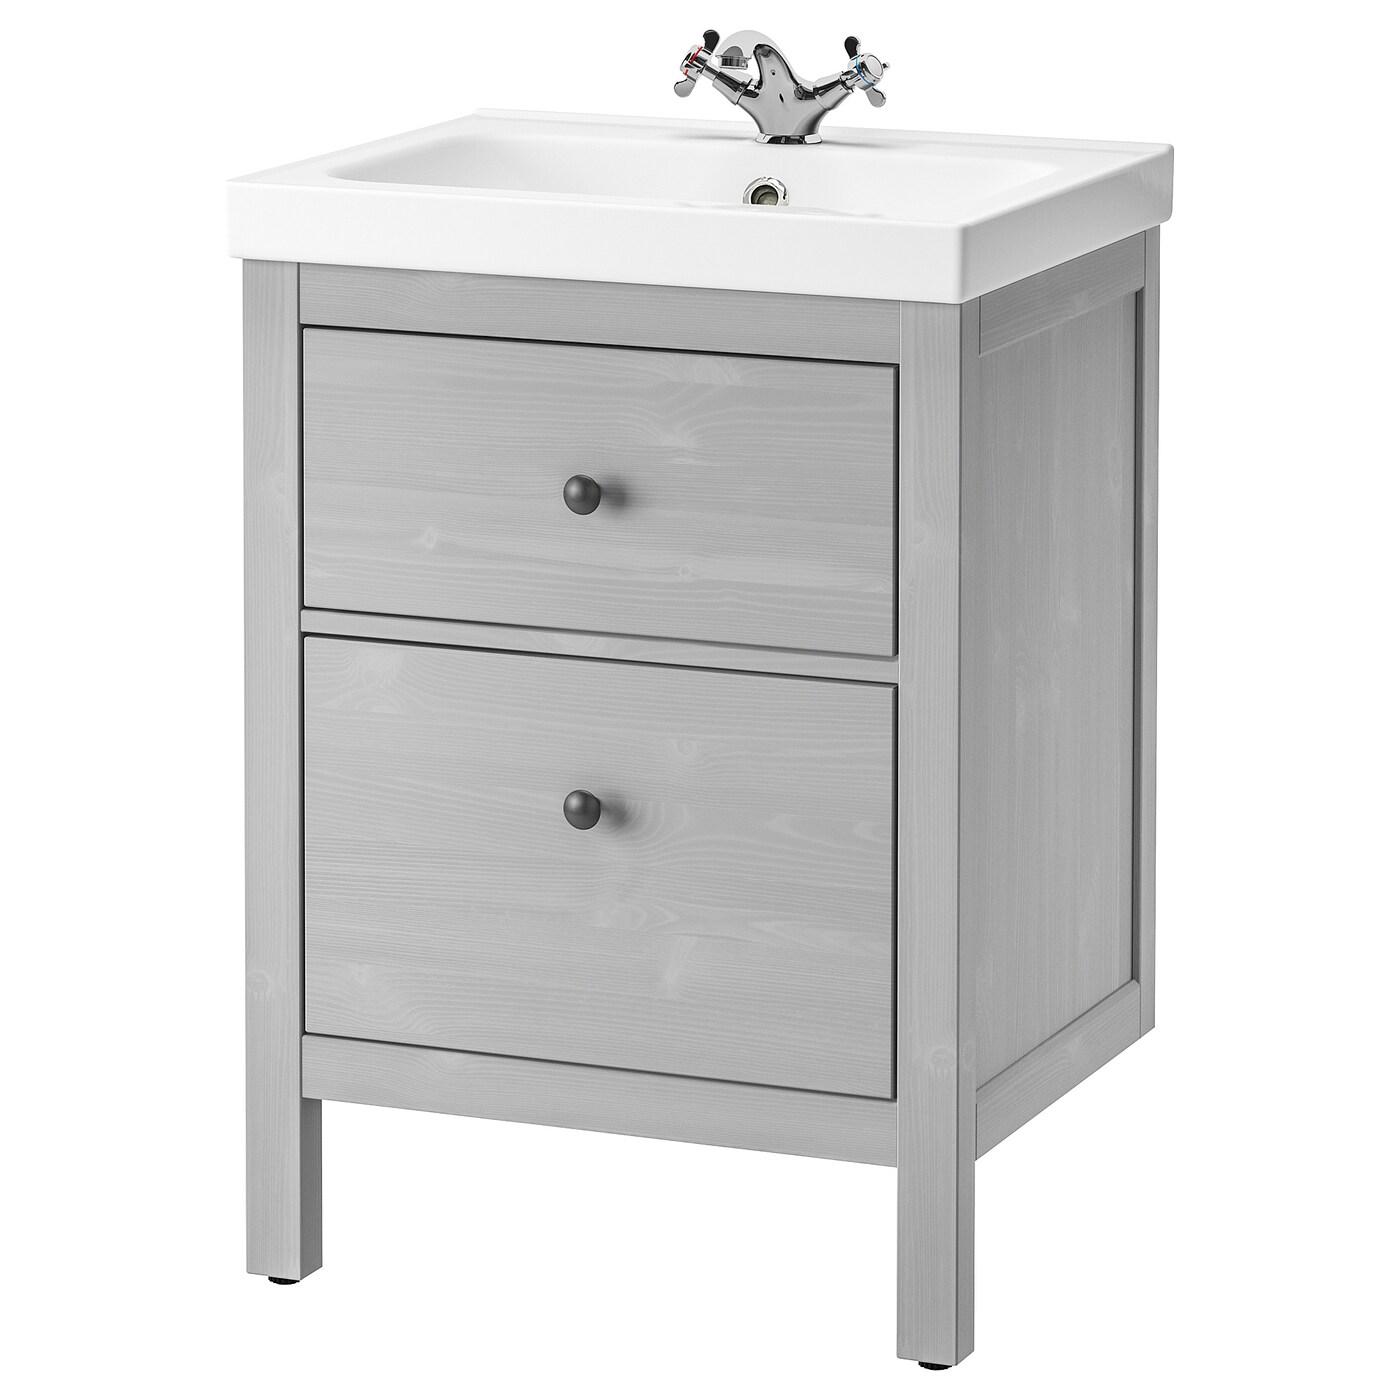 HEMNES / ODENSVIK Bathroom vanity - gray/Runskär faucet - IKEA